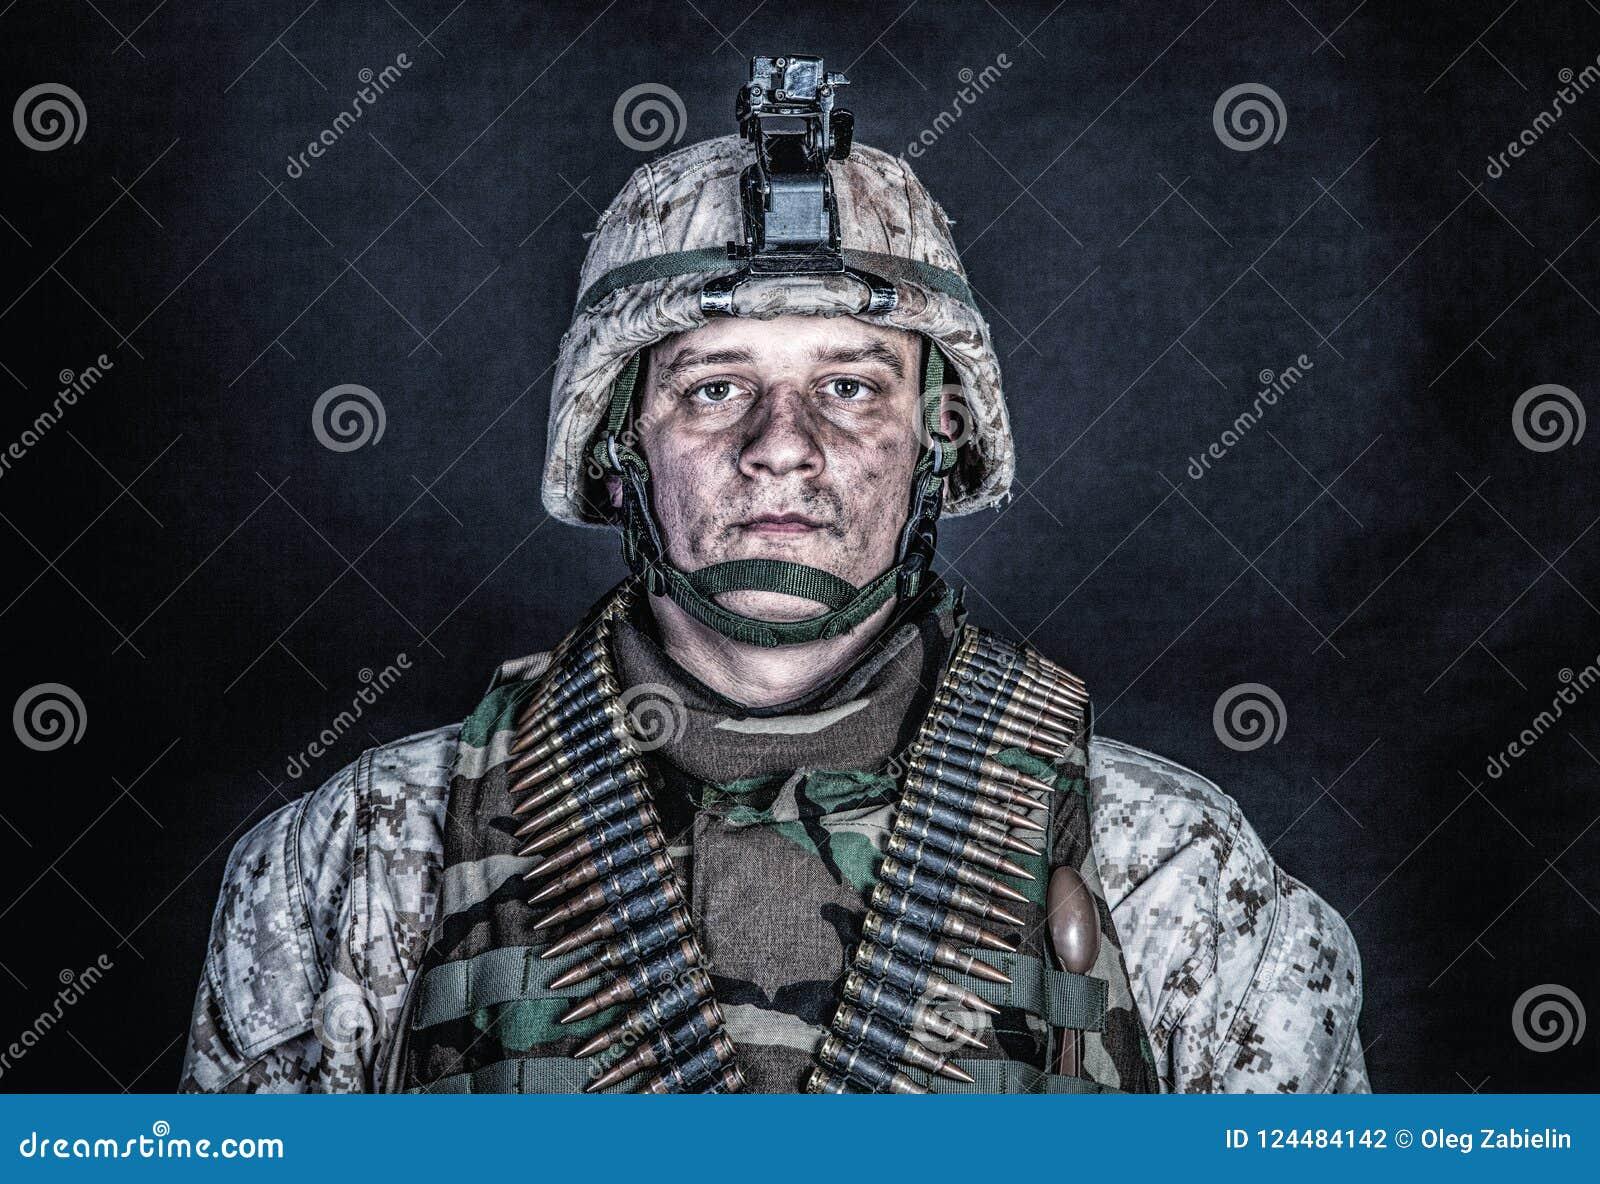 Artilleur de machine marin avec des ceintures de munitions sur le coffre